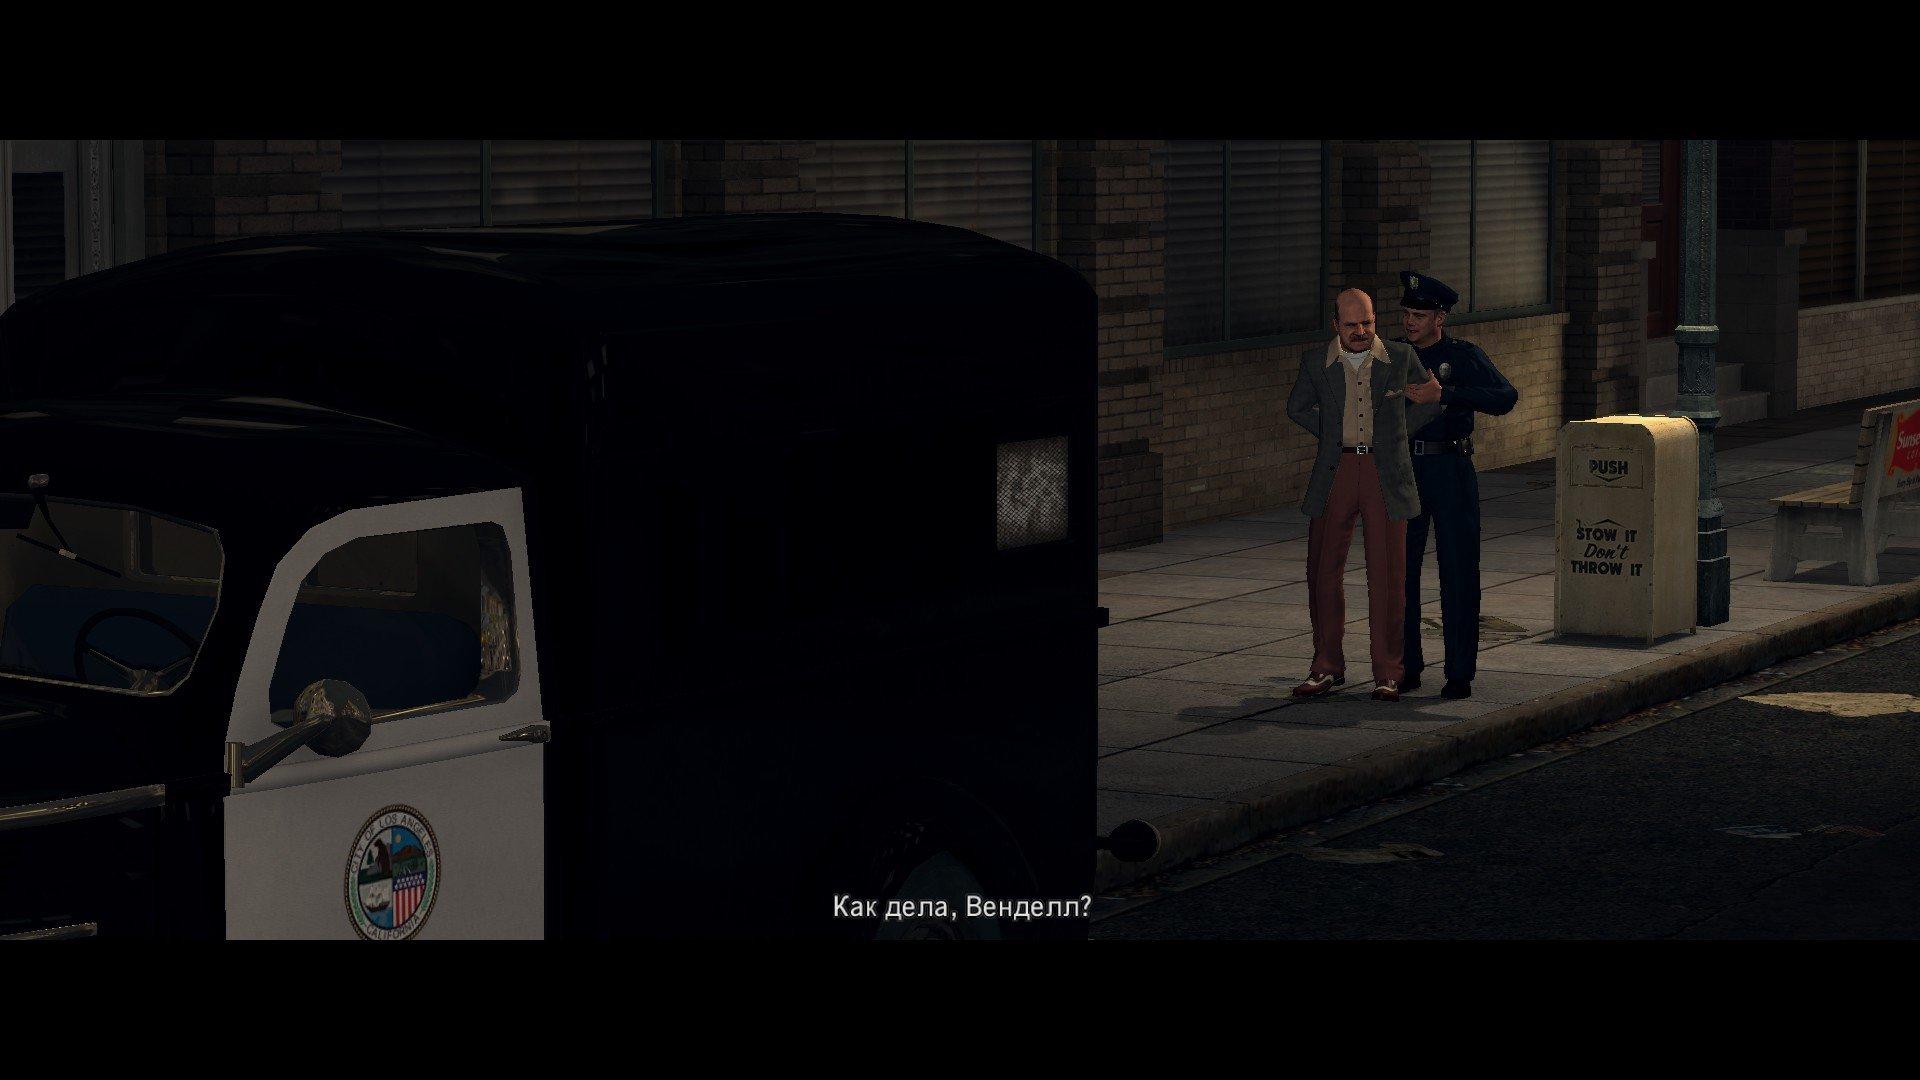 Пост-прохождение L.A. Noire Часть 1 НАЧАЛО!!!. - Изображение 34